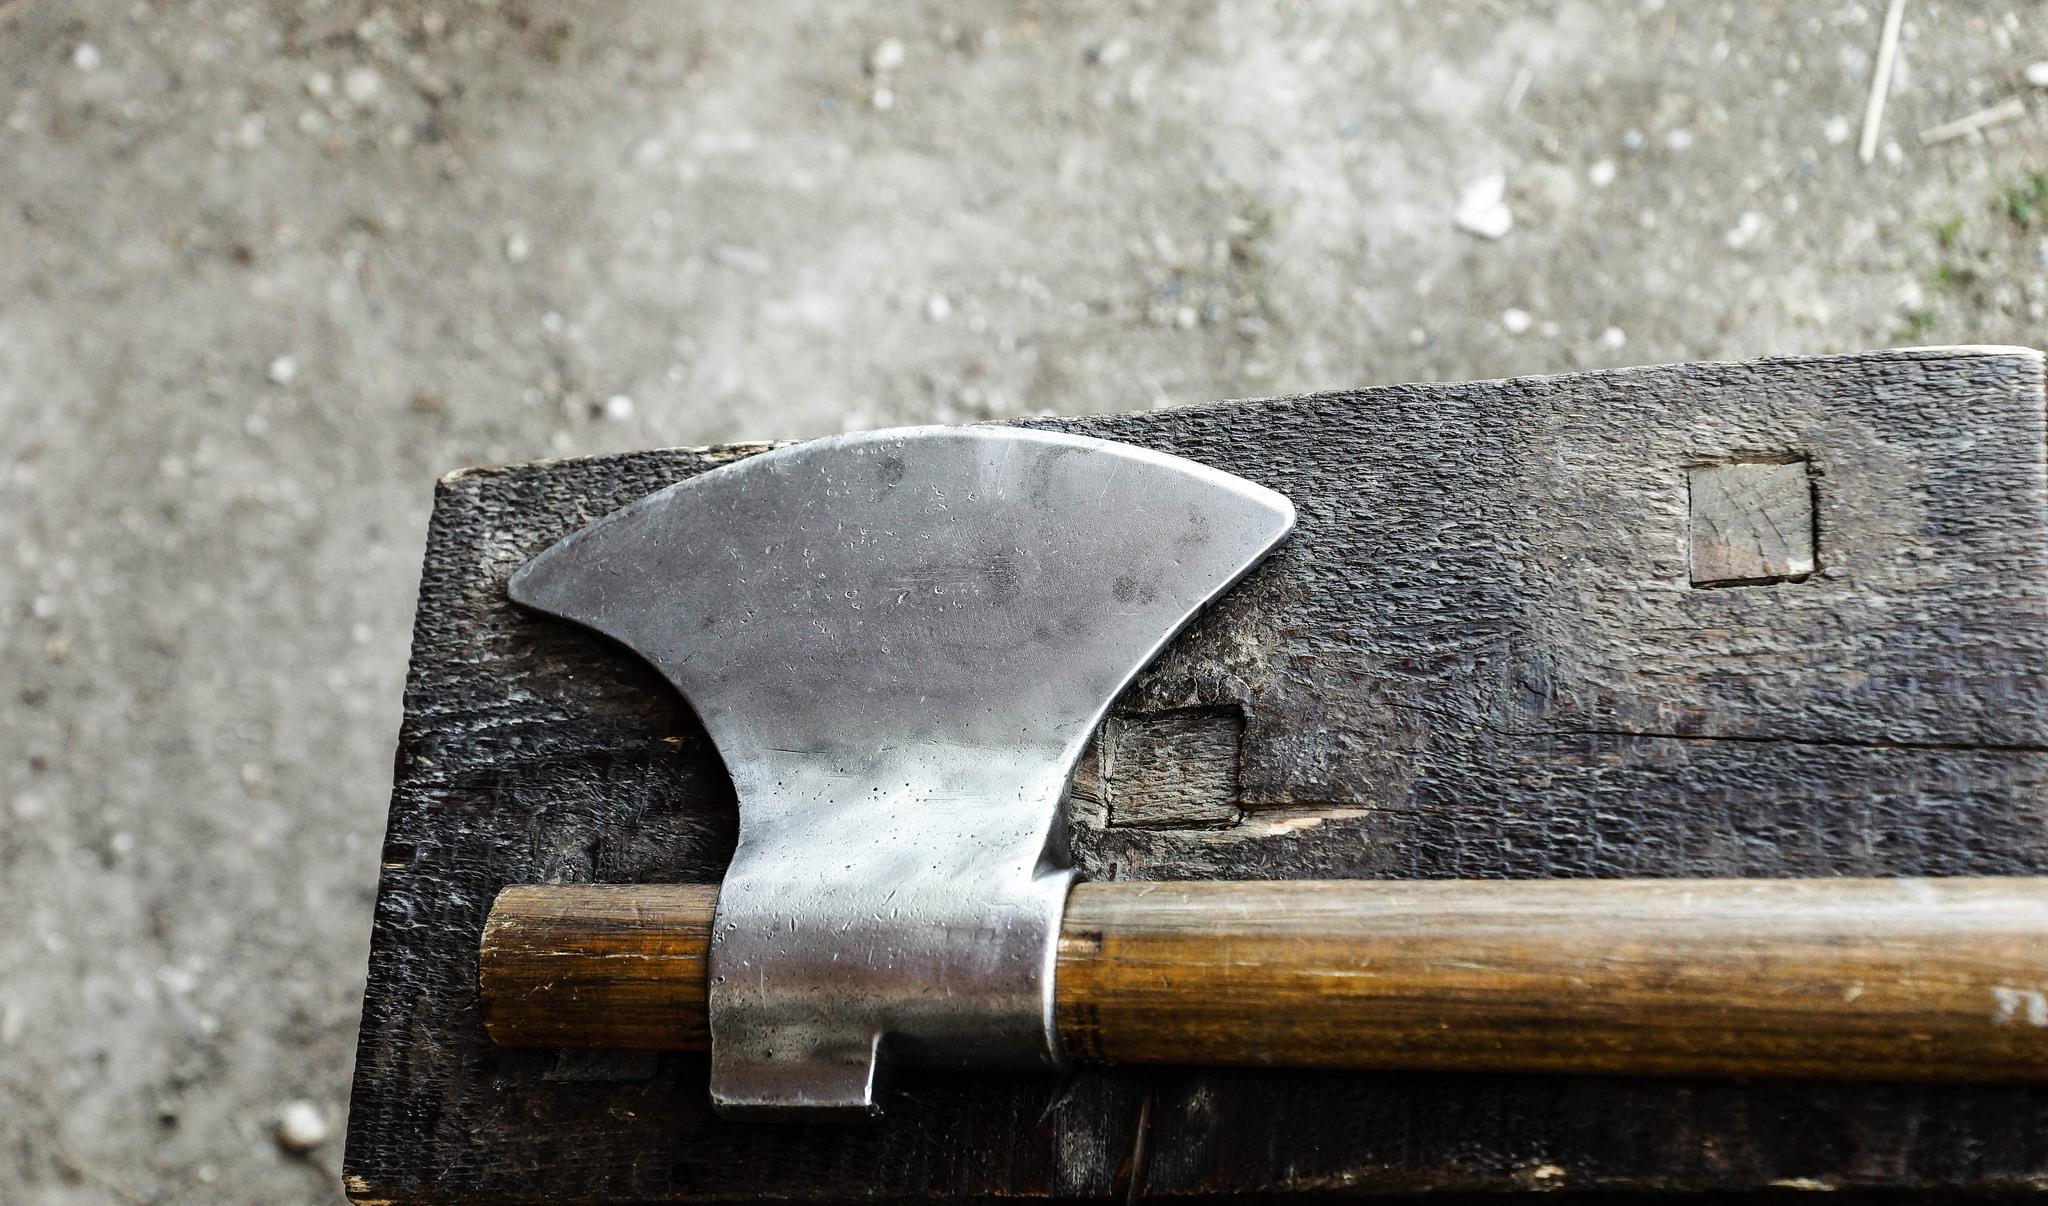 La-Tour-du-Pin: armé d'une hache, un forcené sème la terreur dans la rue